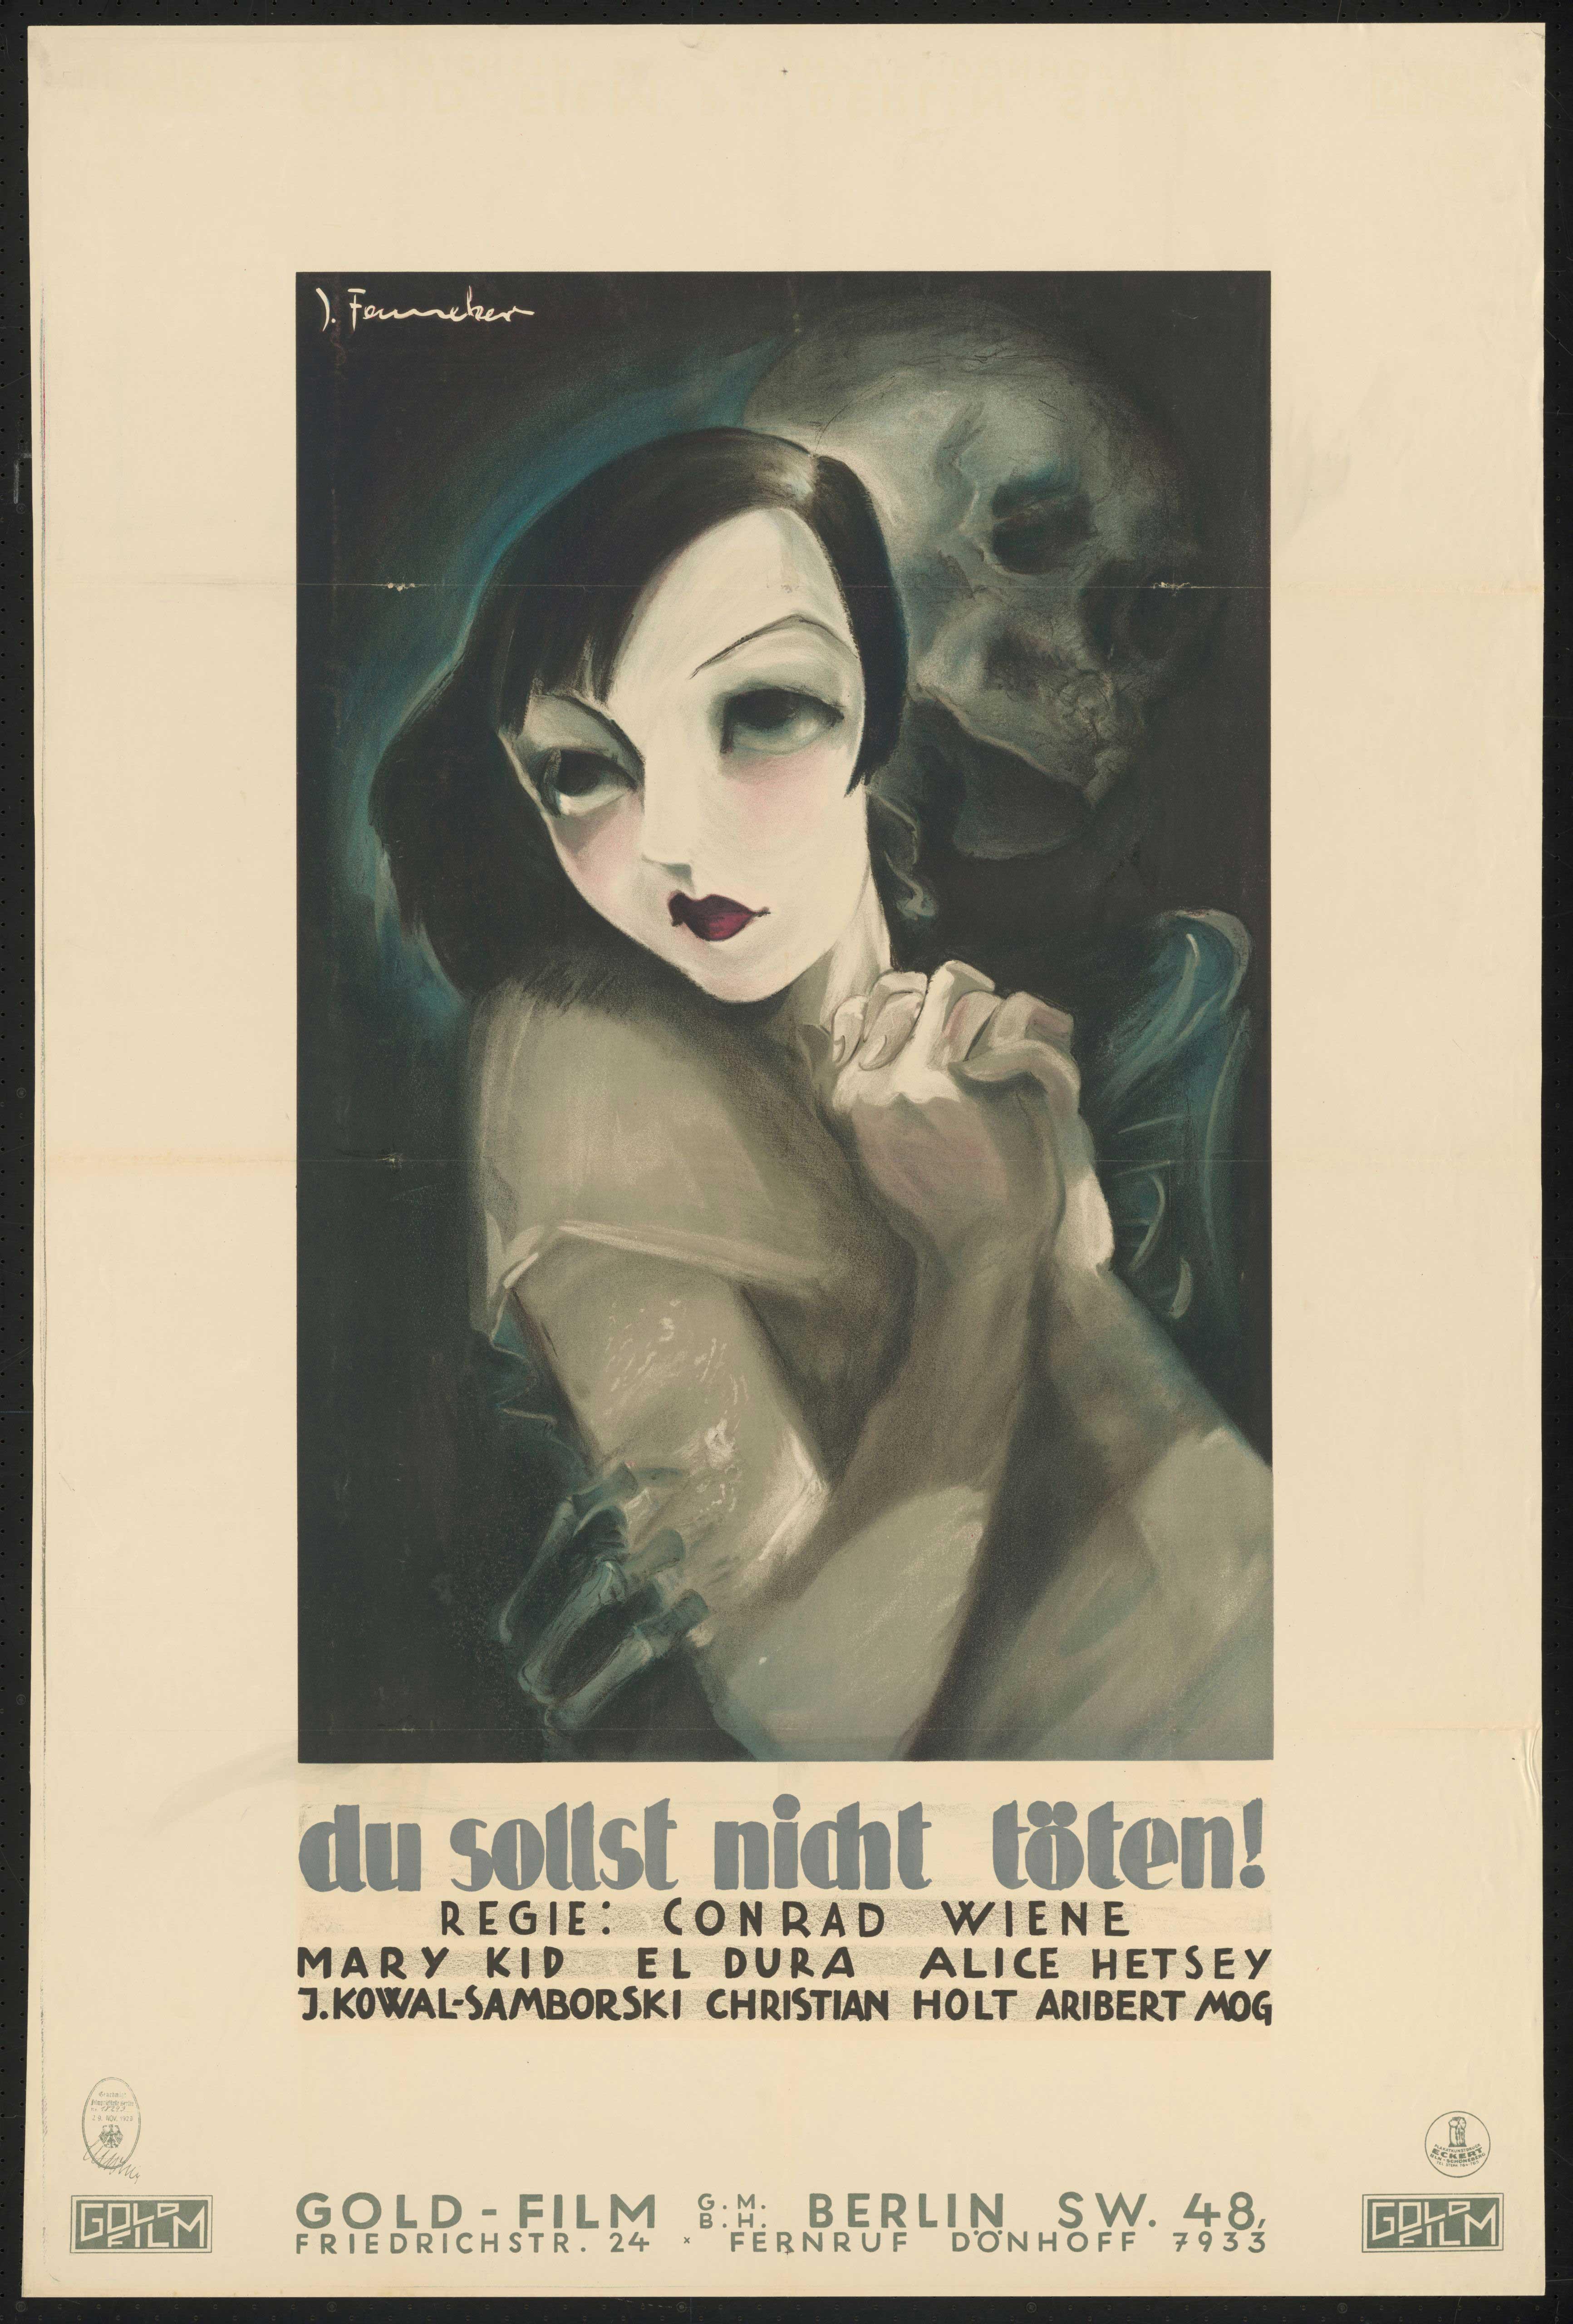 Film poster by Josef Fenneker: Eine Dirne ist ermordet worden, Austria 1930, directed by Conrad Wiene